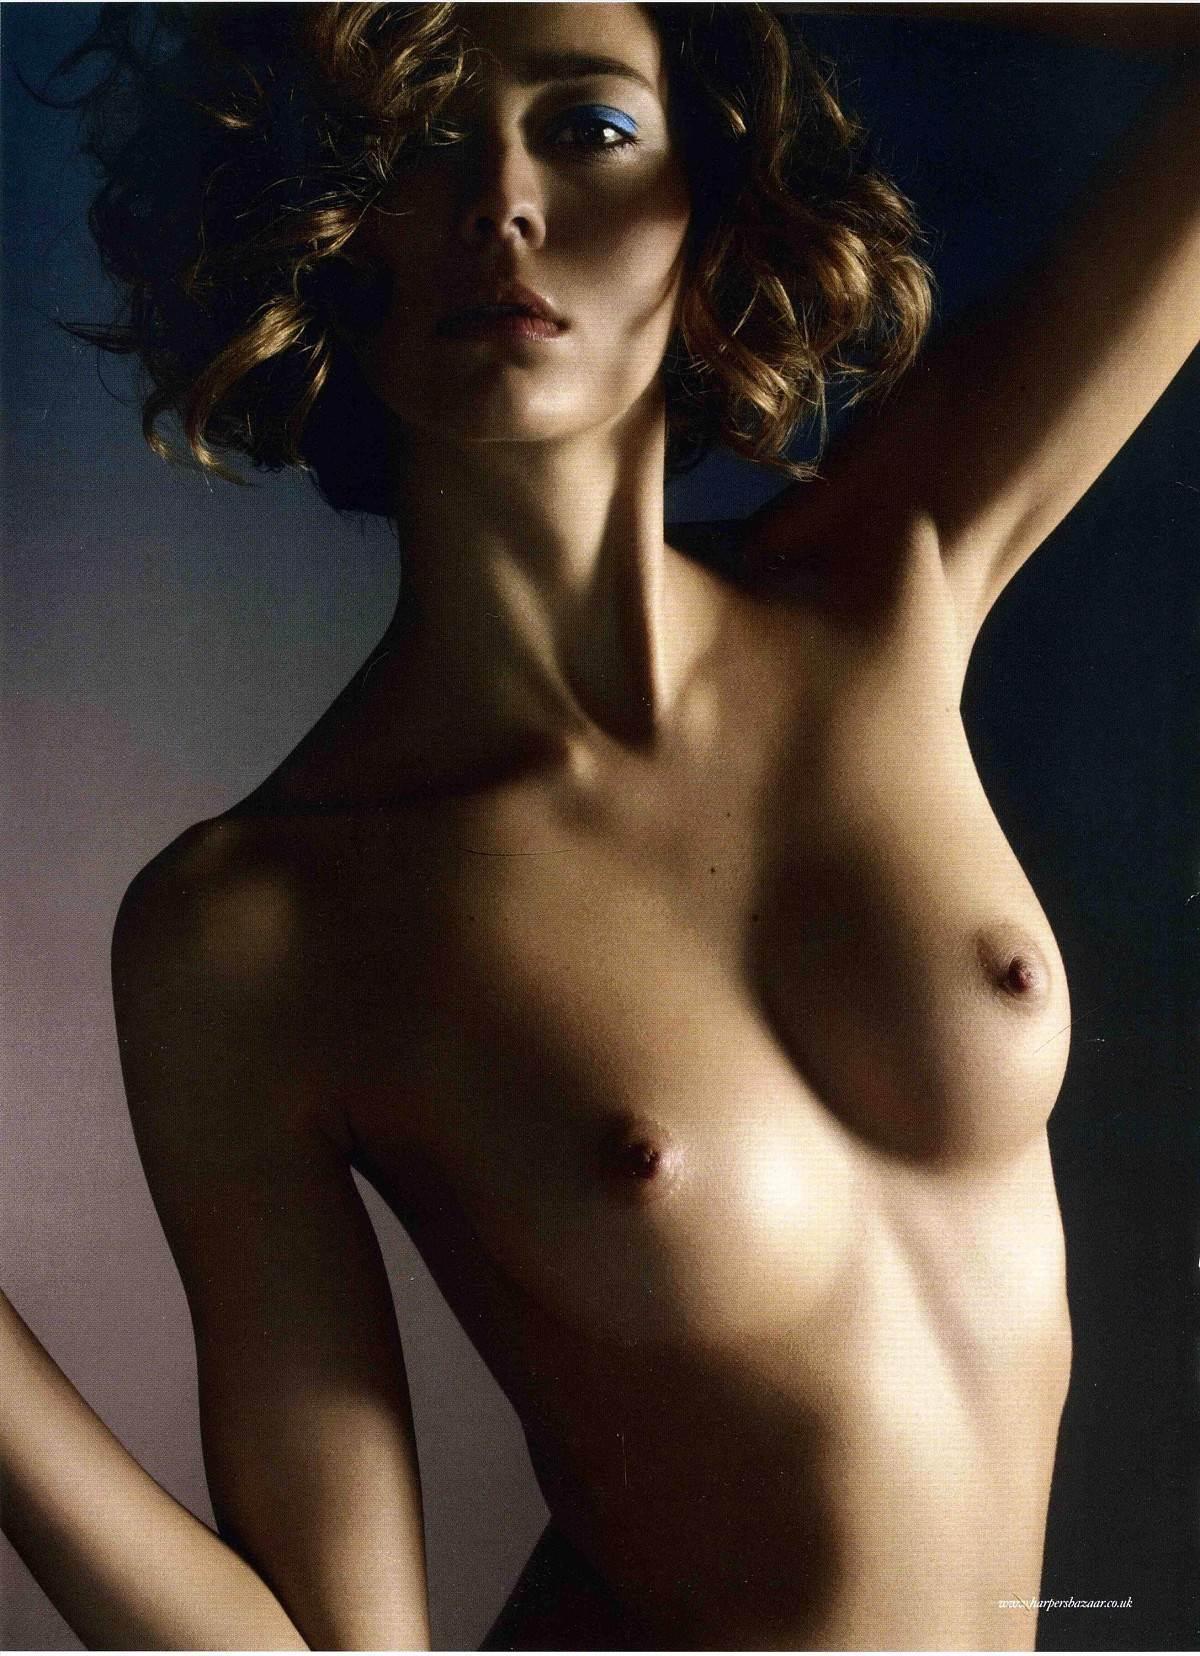 【外人】フランス人スーパーモデルのモルガン・デュブレ(Morgane Dubled)がファッション誌で乳首をさらるおっぱいポルノ画像 1700